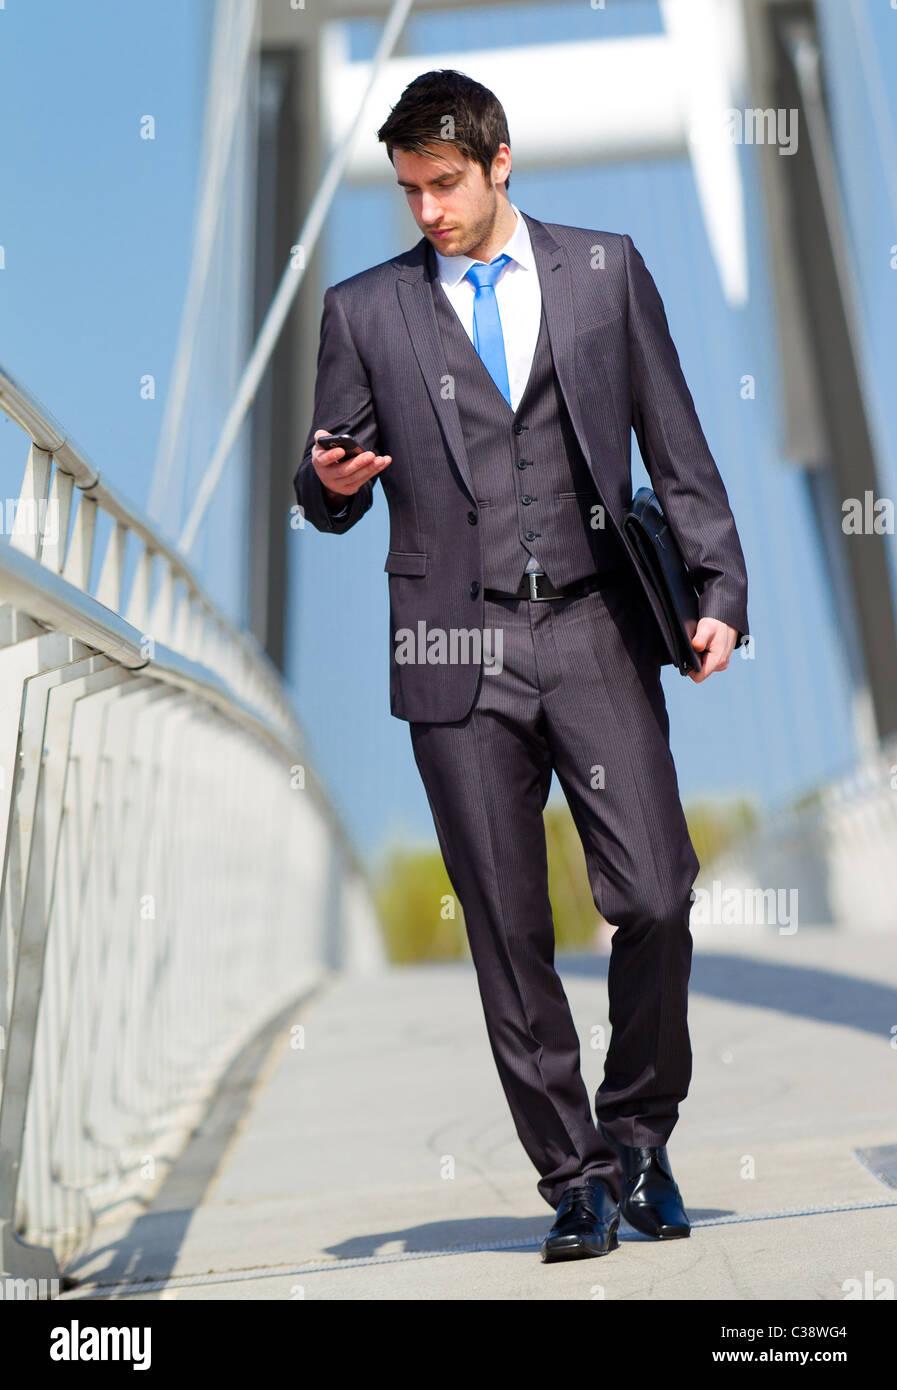 Man walking looking at phone Stock Photo